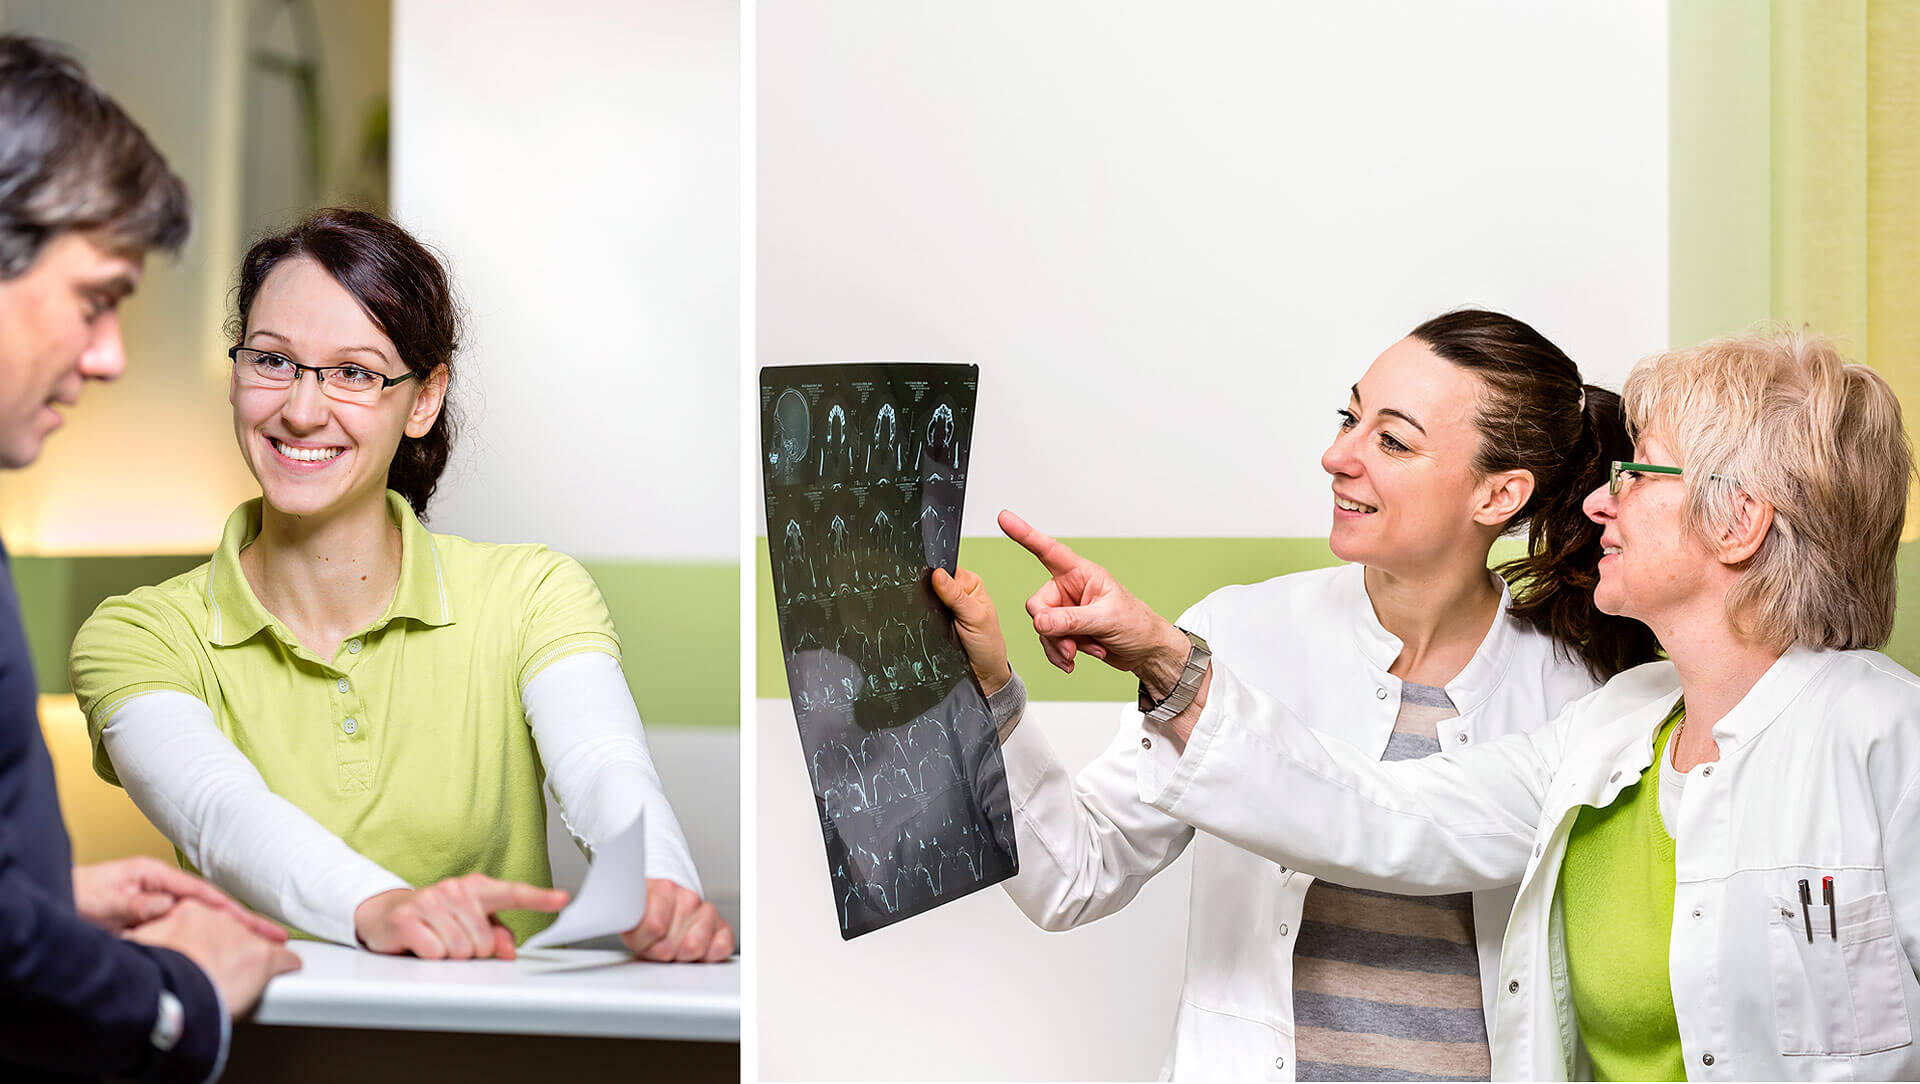 praxisfotografie-praxisteam-bei-der-arbeit